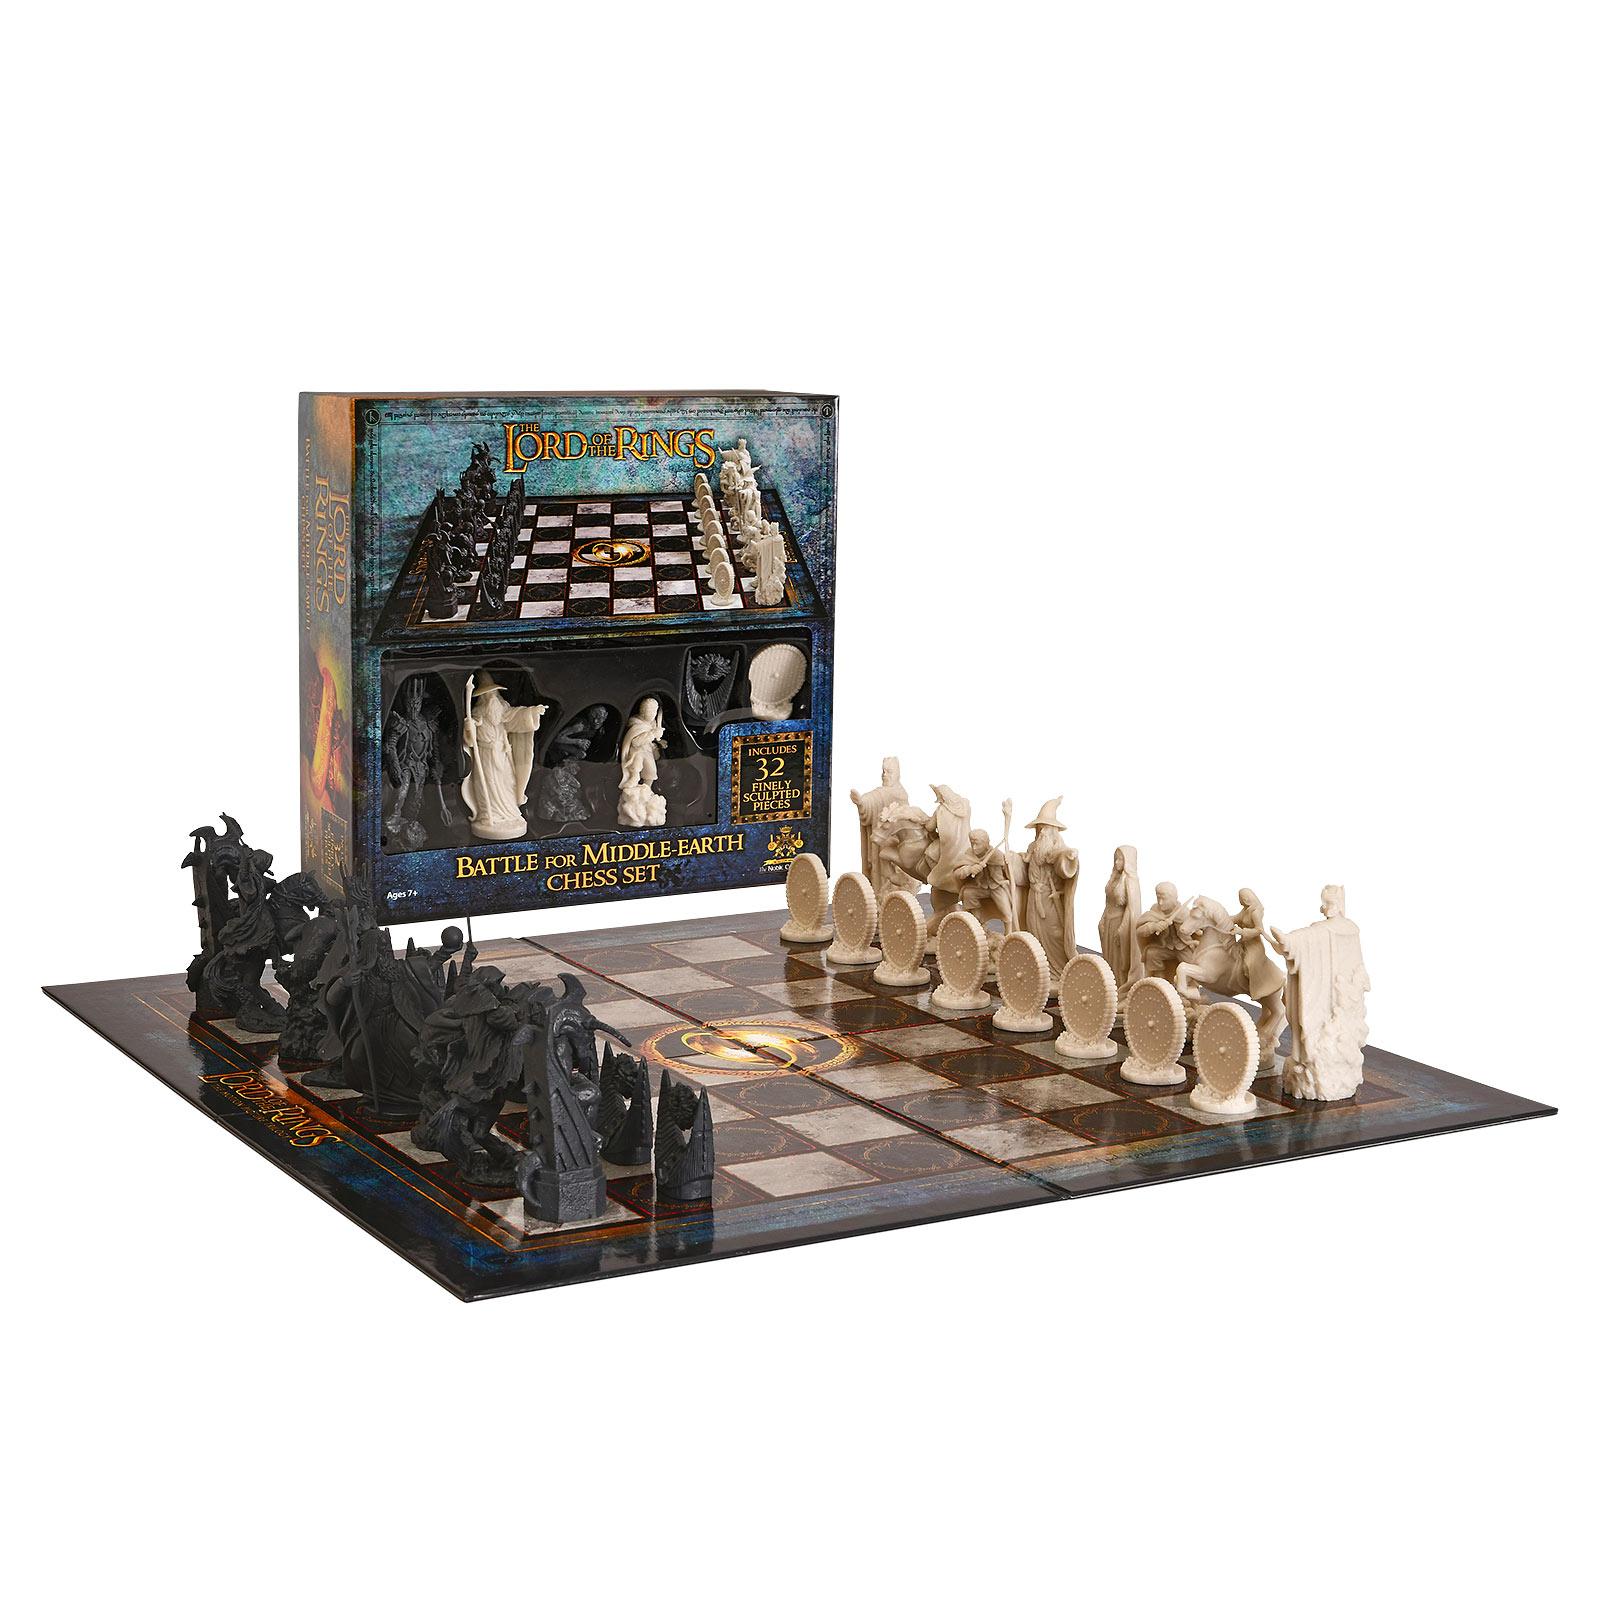 Herr der Ringe - Schlacht um Mittelerde Schachspiel